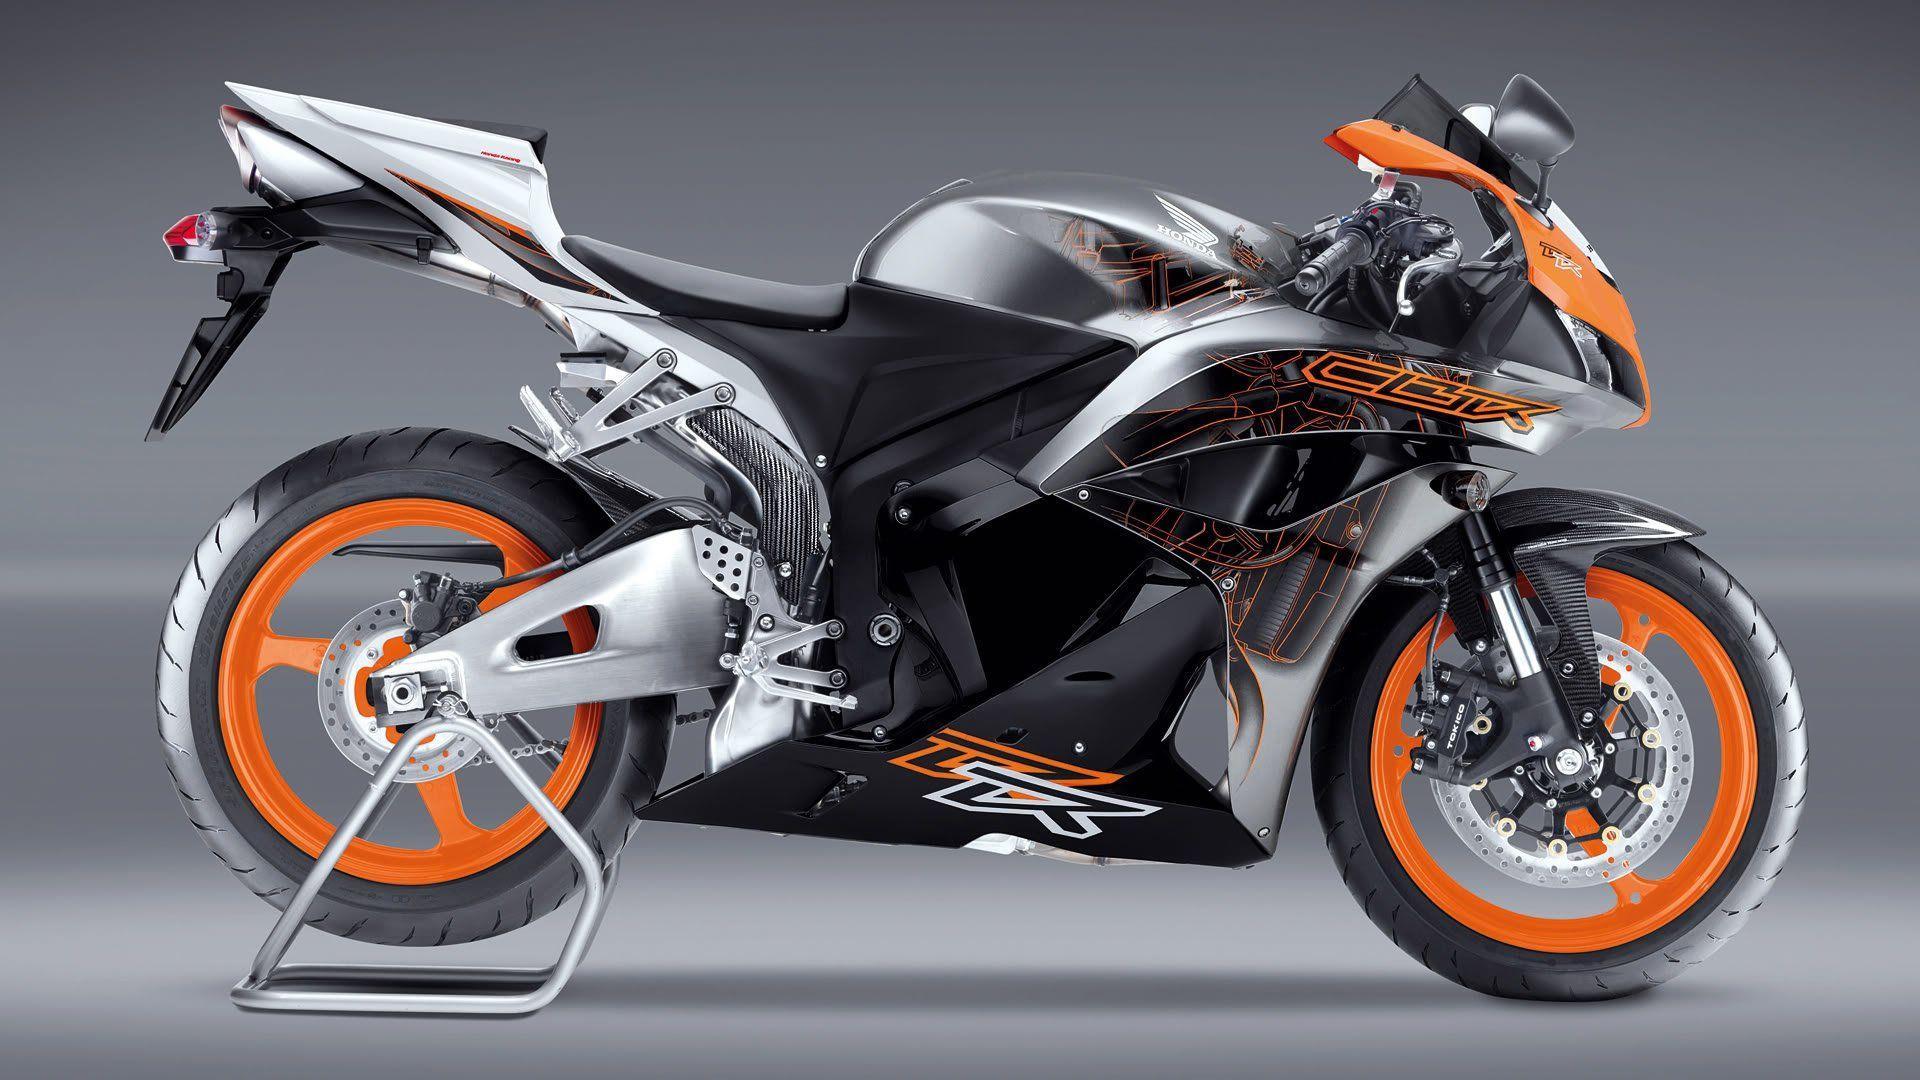 Honda Cbr Motorcycle 4k Hd Desktop Wallpaper For 4k Ultra: Honda CBR600RR Wallpapers